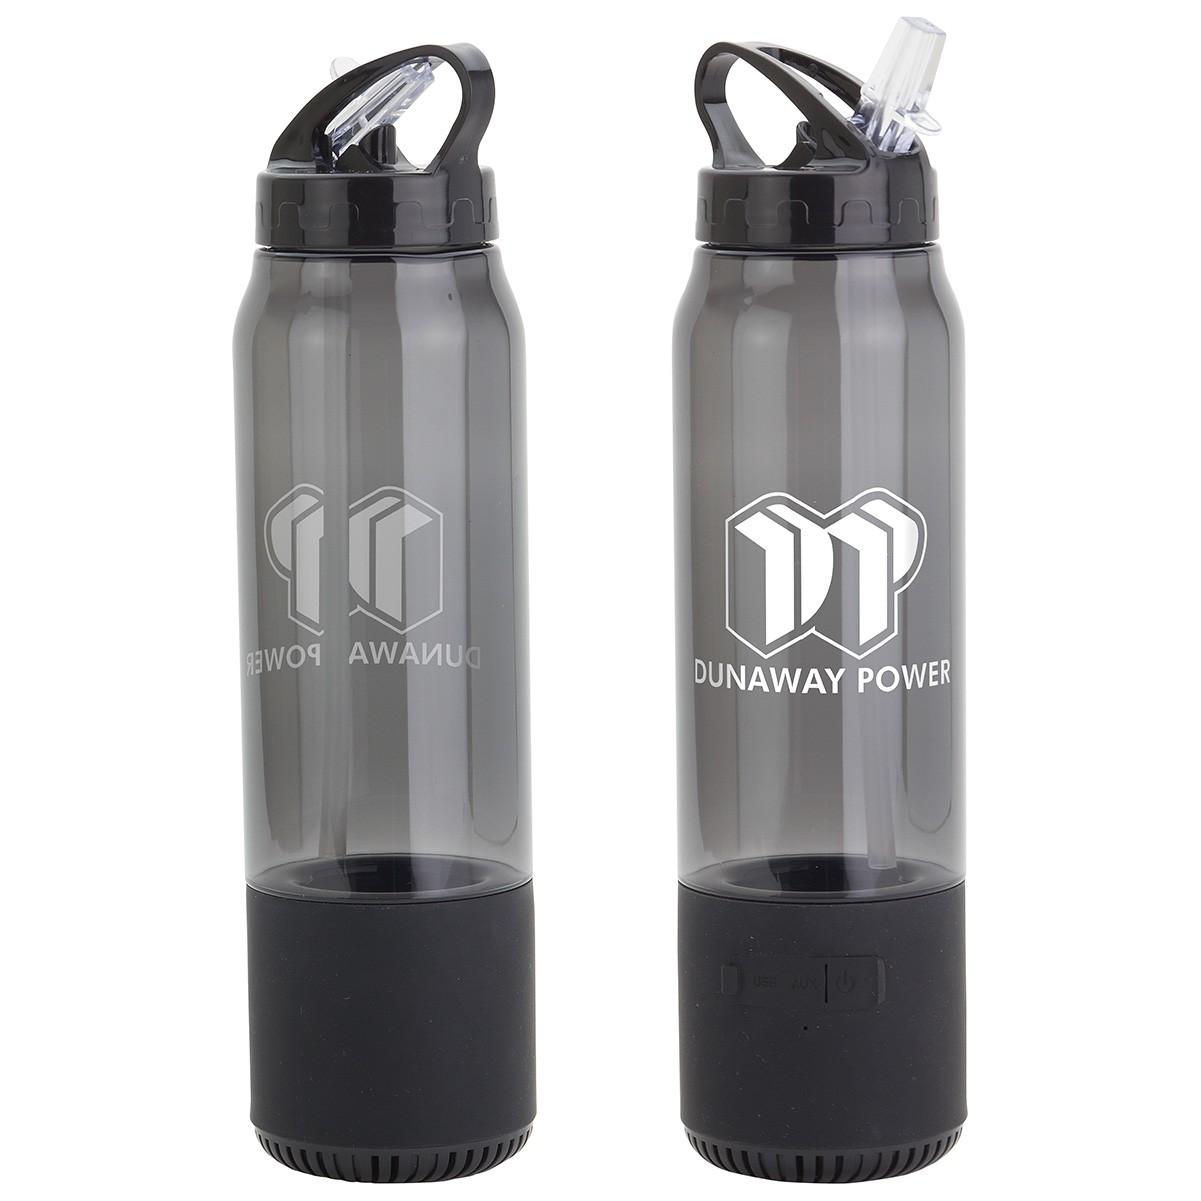 Fusion 12 oz Combo Water Bottle & Wireless Speaker